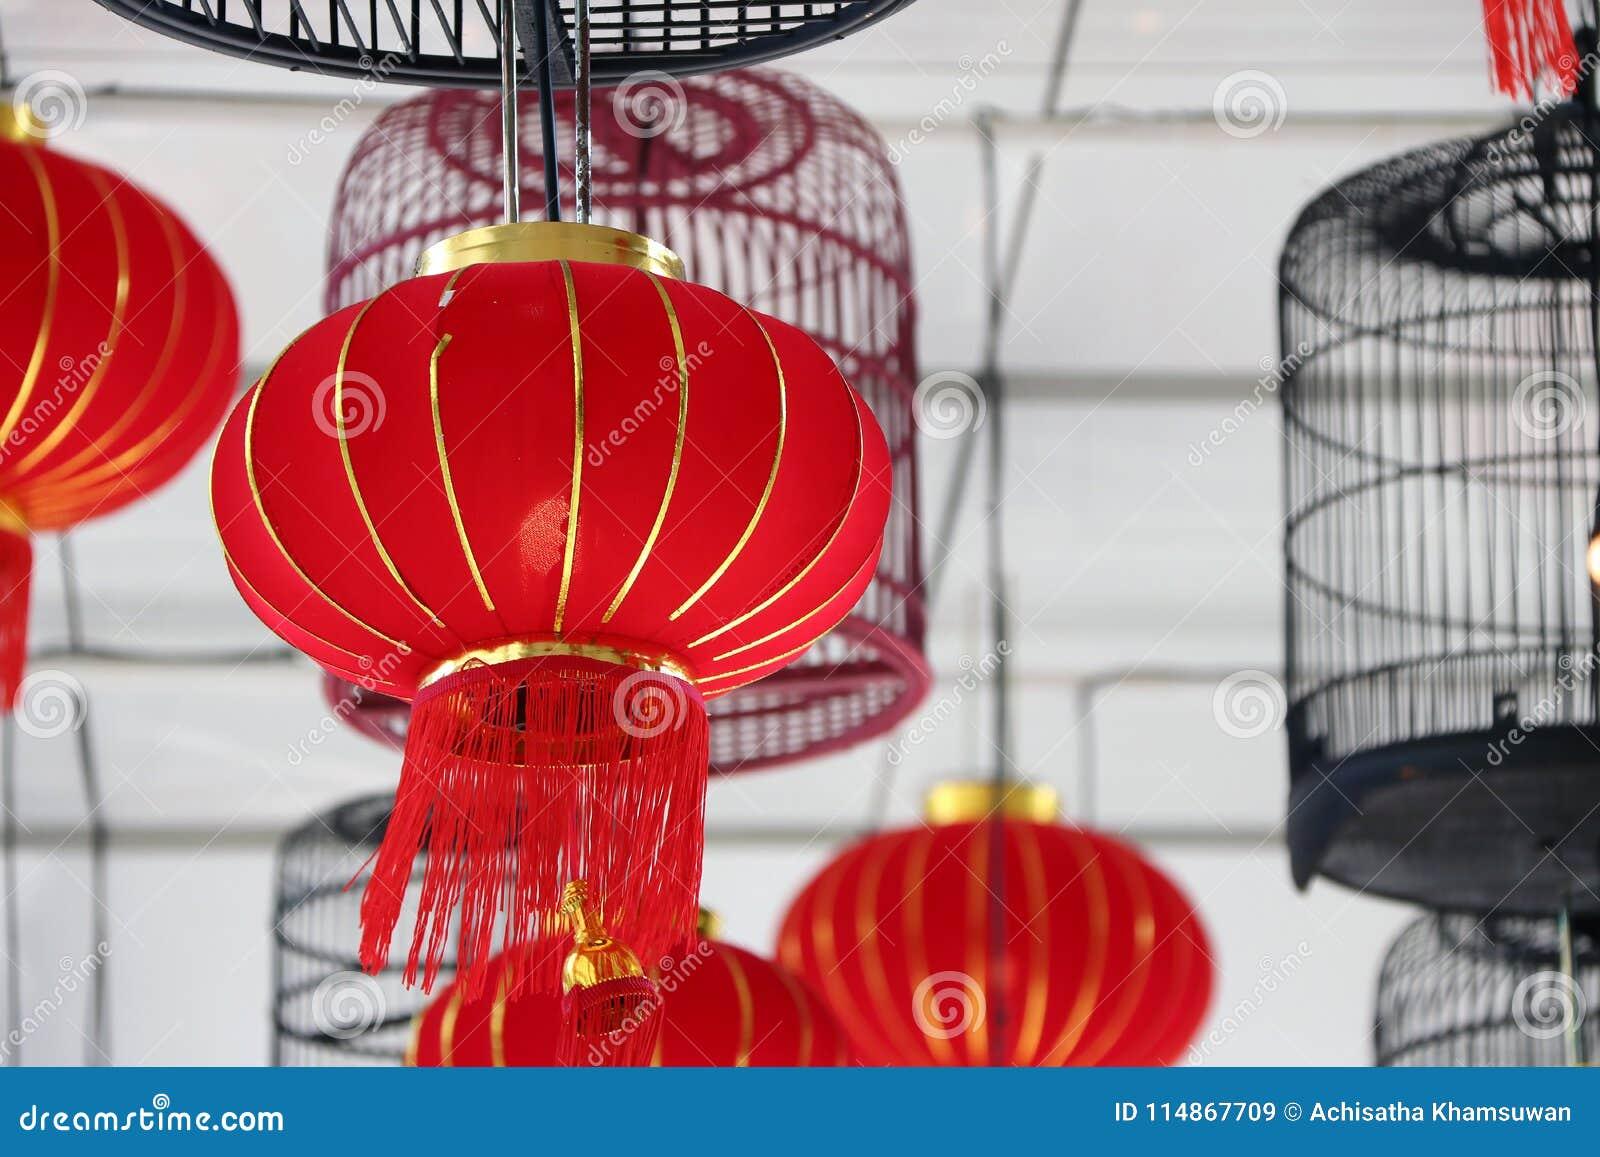 Der Rote Und Gewebelampen Hängen Auf VogelkäfiglampenDie Decke xWdoCrBe